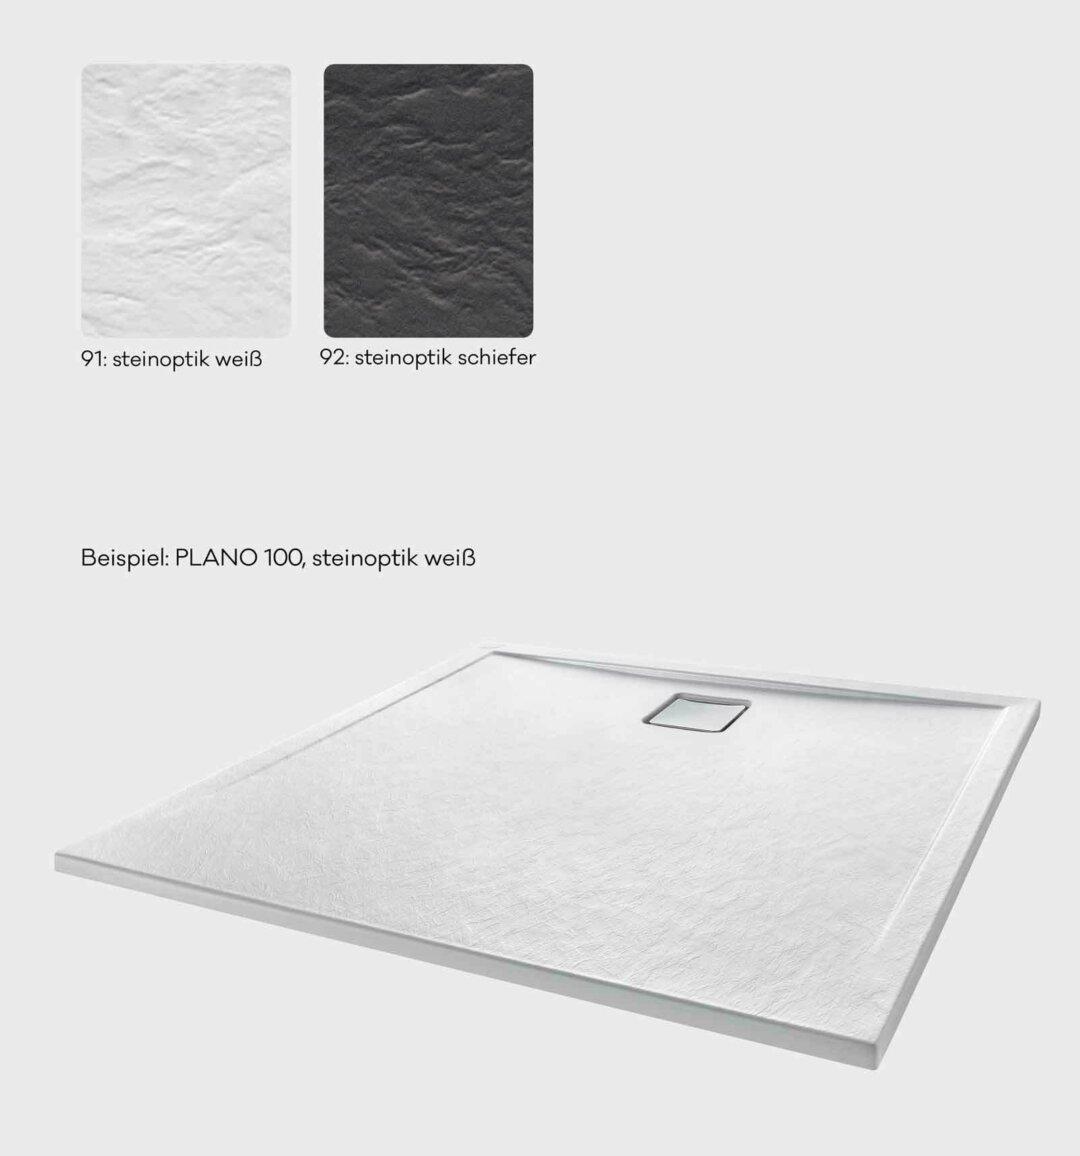 Strukturierte Oberflächen